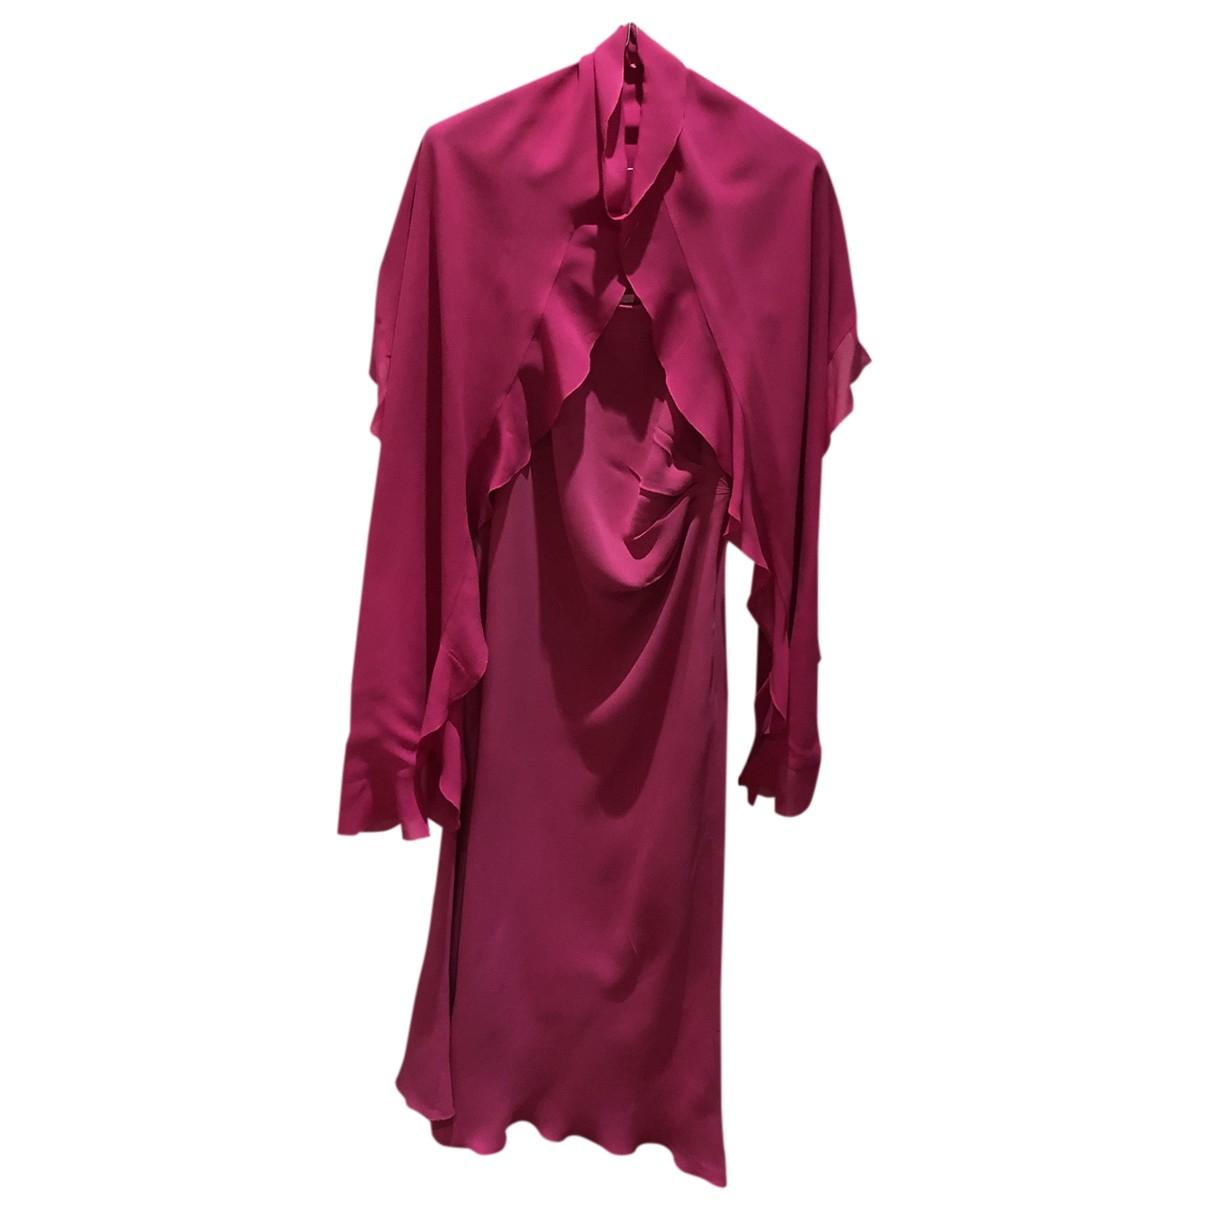 Emanuel Ungaro - Robe   pour femme en soie - rose